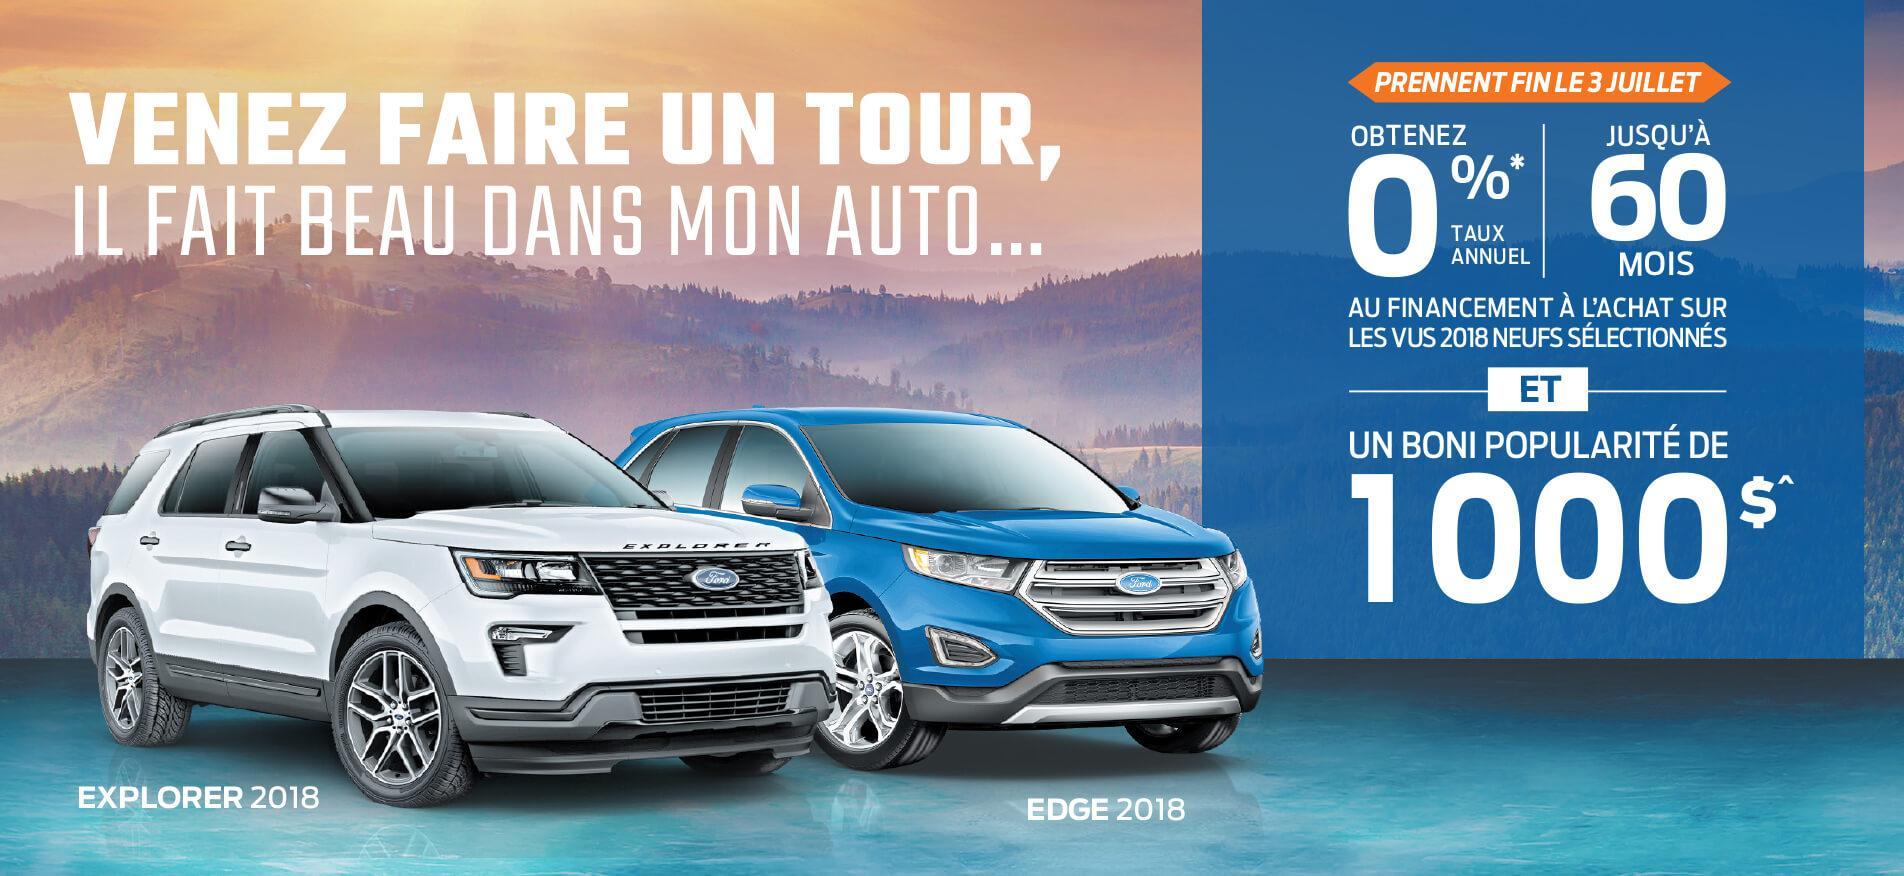 Ford Vus